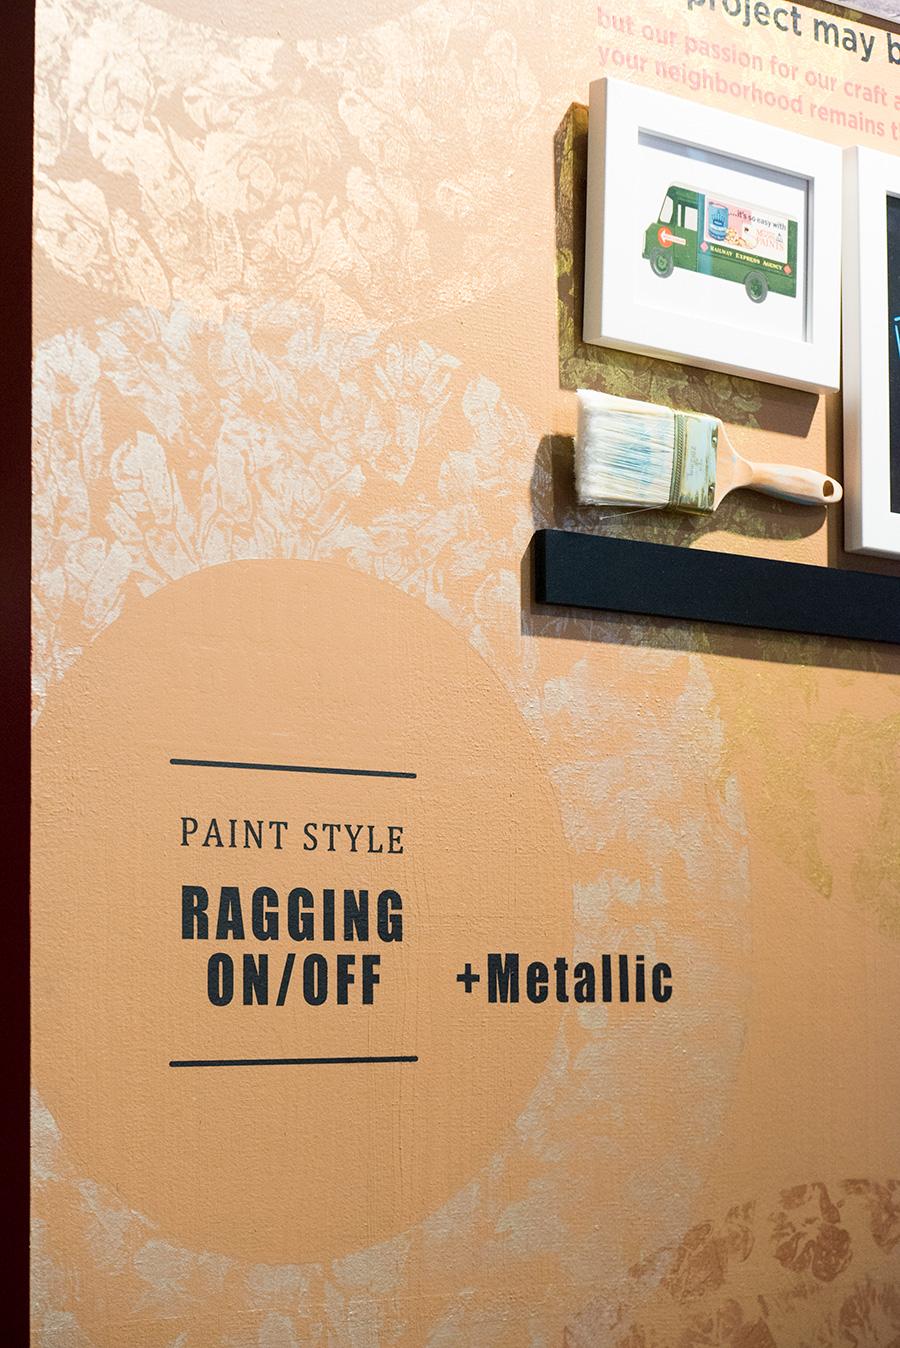 ラギングを施した店内の壁。布を使ってメタリックの塗料を上から載せている。